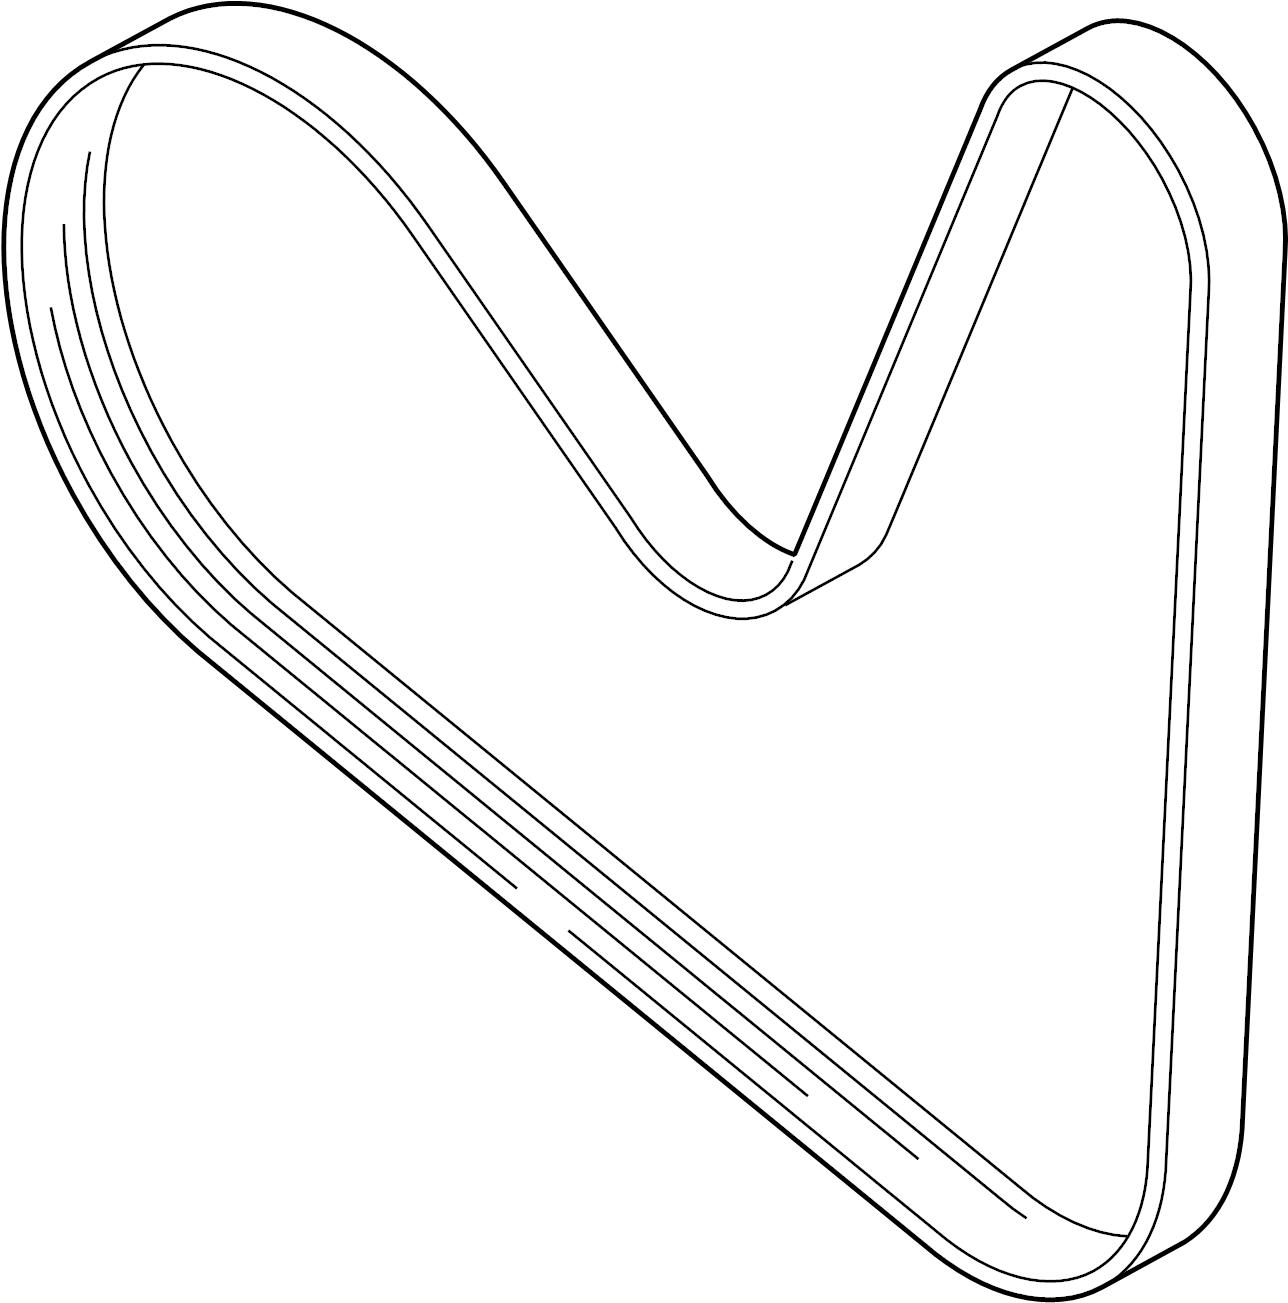 Volkswagen Jetta Ribbedbelt Serpentine Belt Pulleys